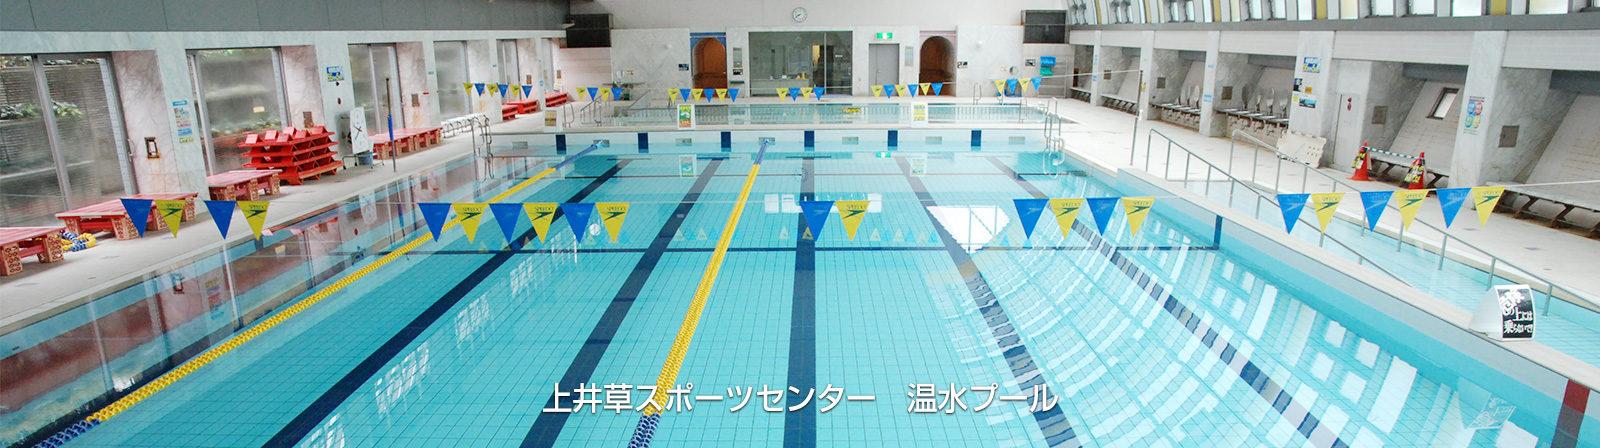 上井草スポーツセンター 温水プール